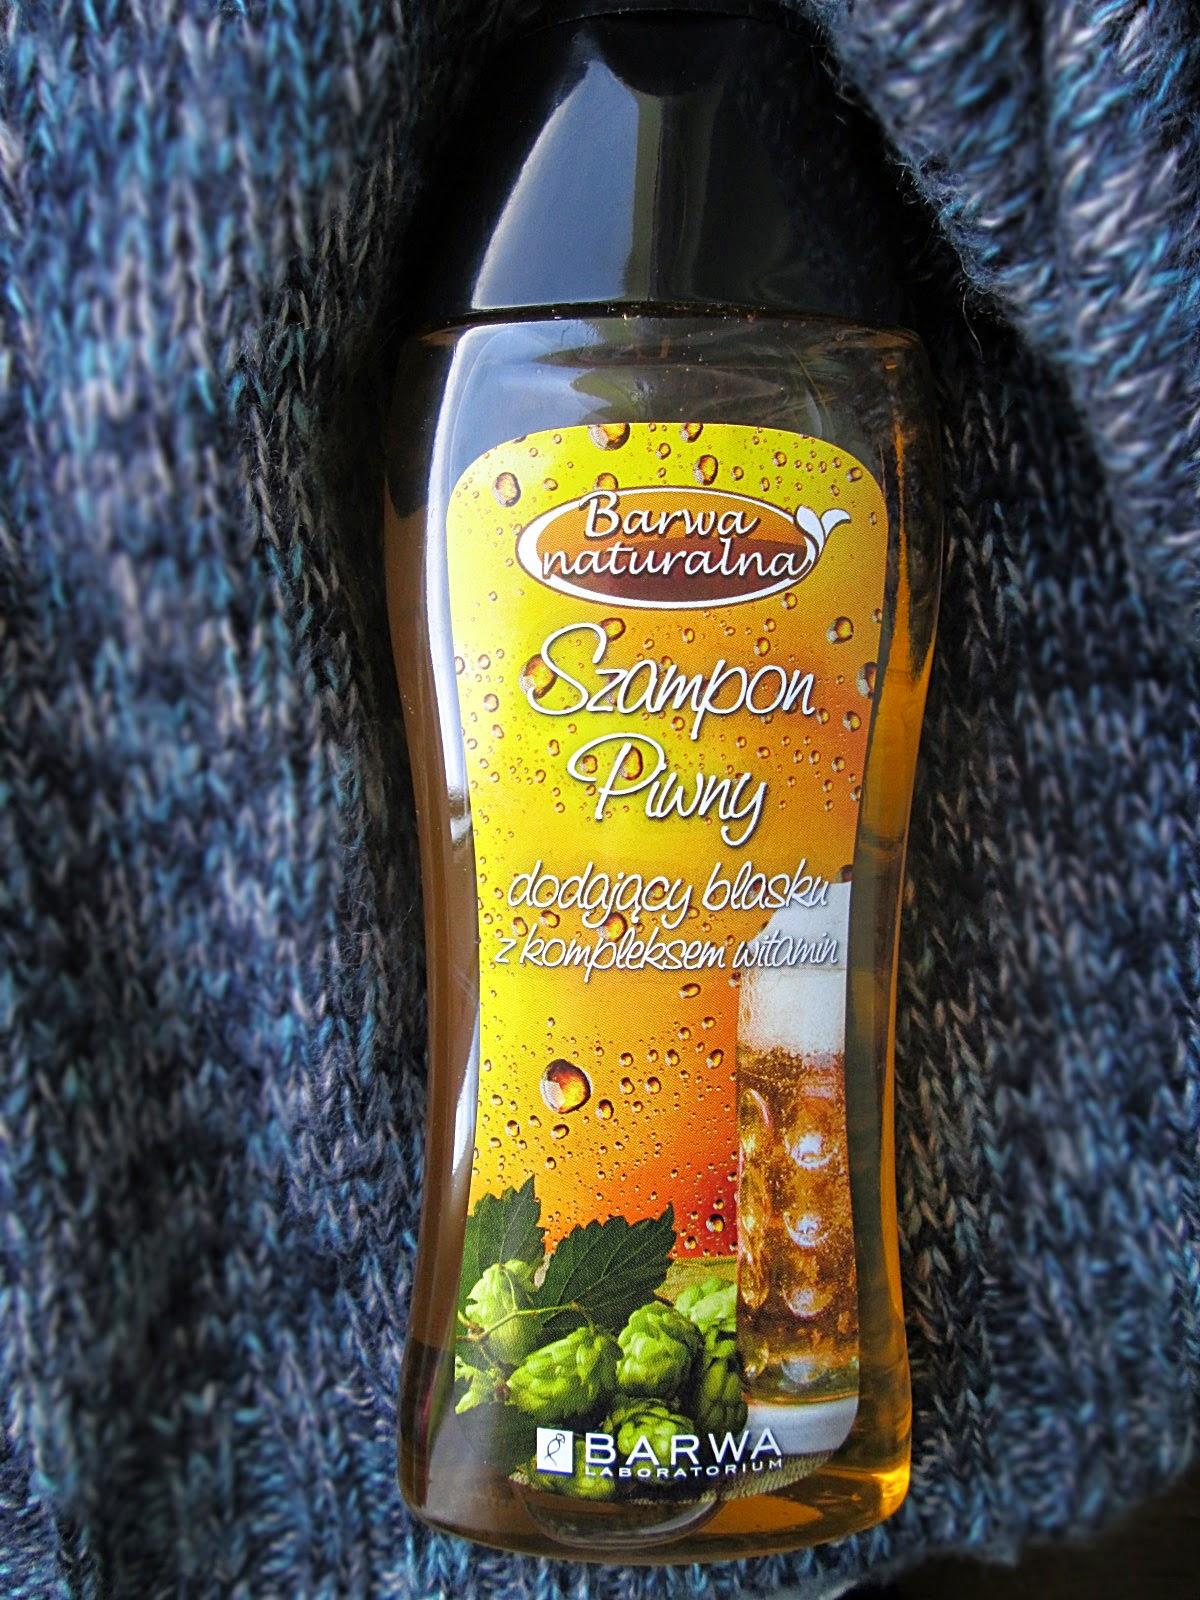 Barwa Naturalna - piwny, dodający blasku z kompleksem witamin